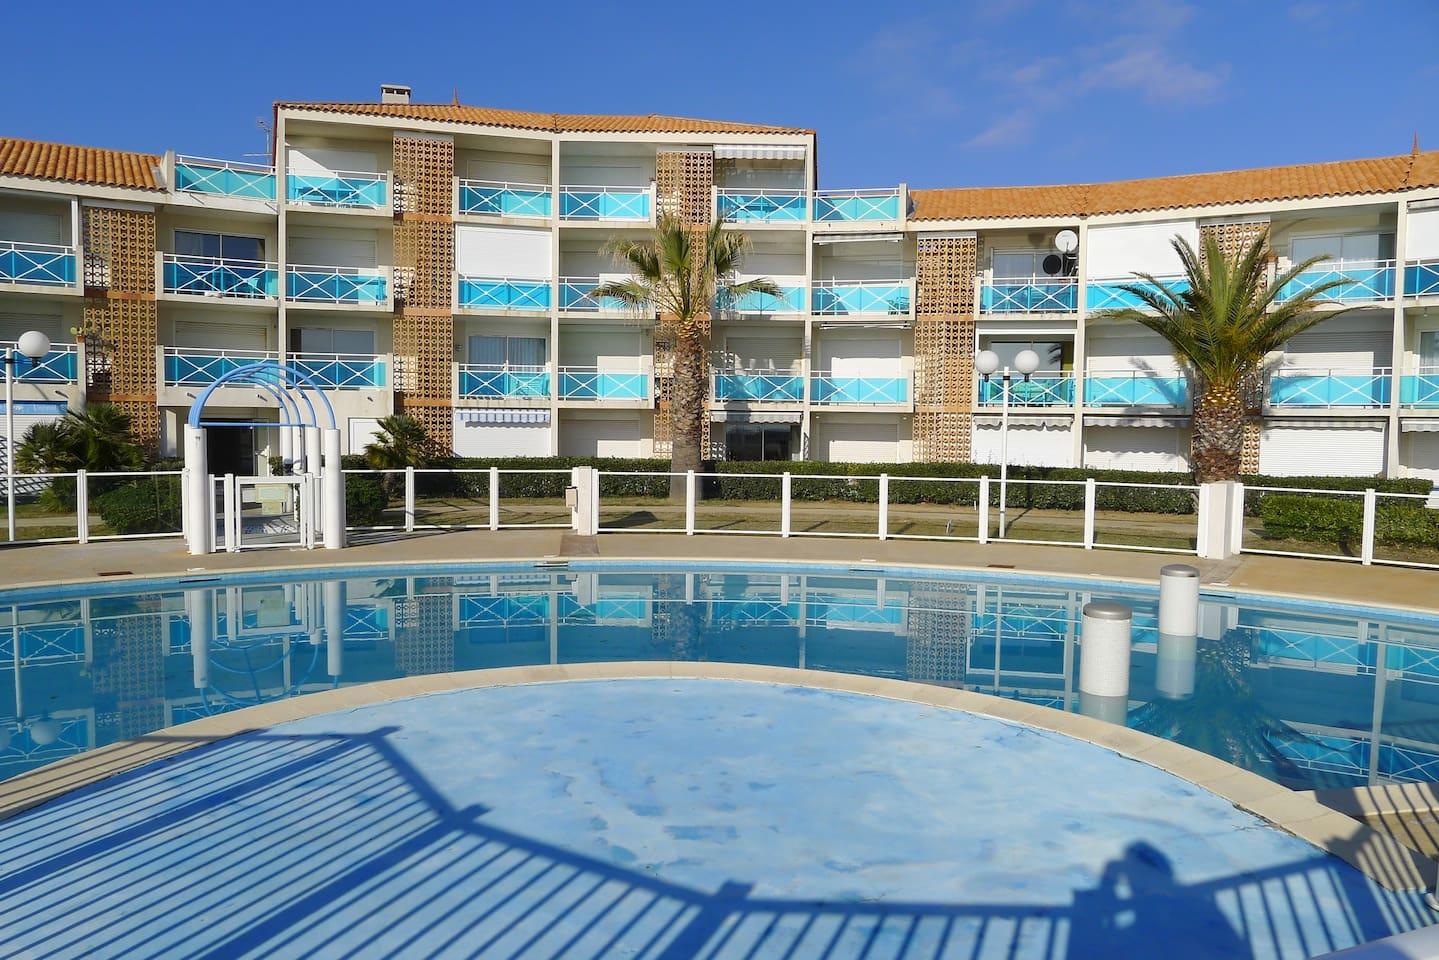 Ansicht von Pool u. Residenz.